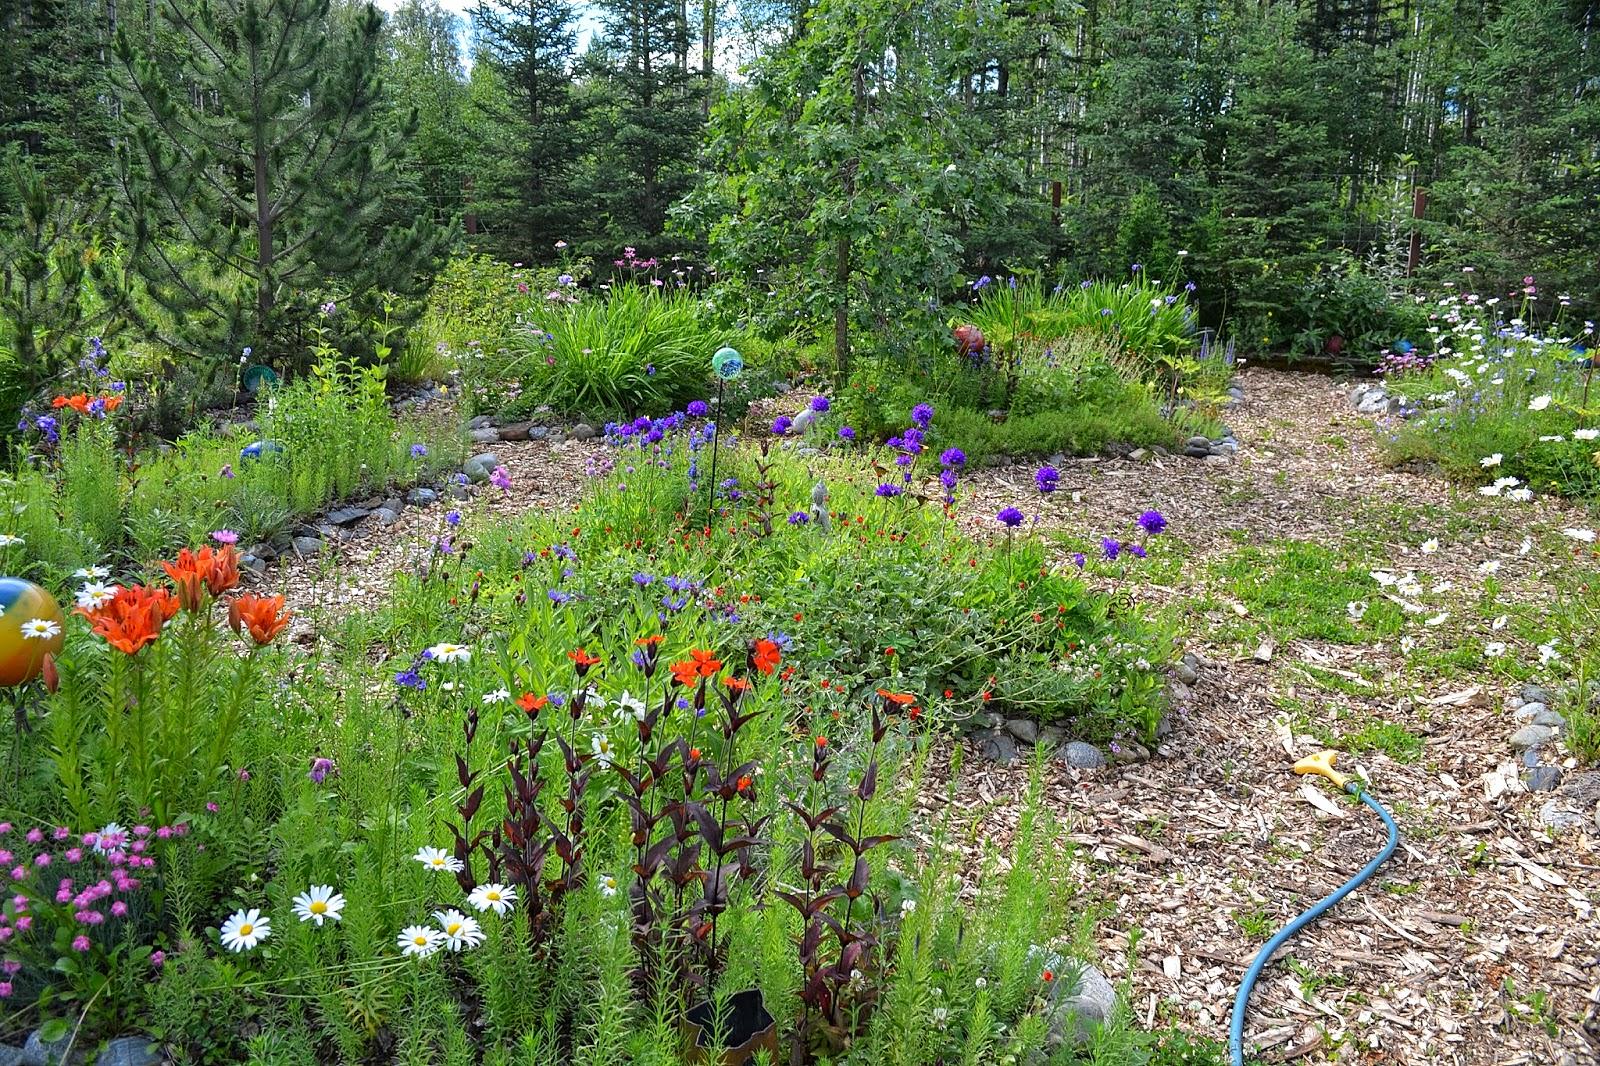 Alison S Gardens Mediterranean Garden: The Outlaw Gardener: Alison's Wasilla Garden